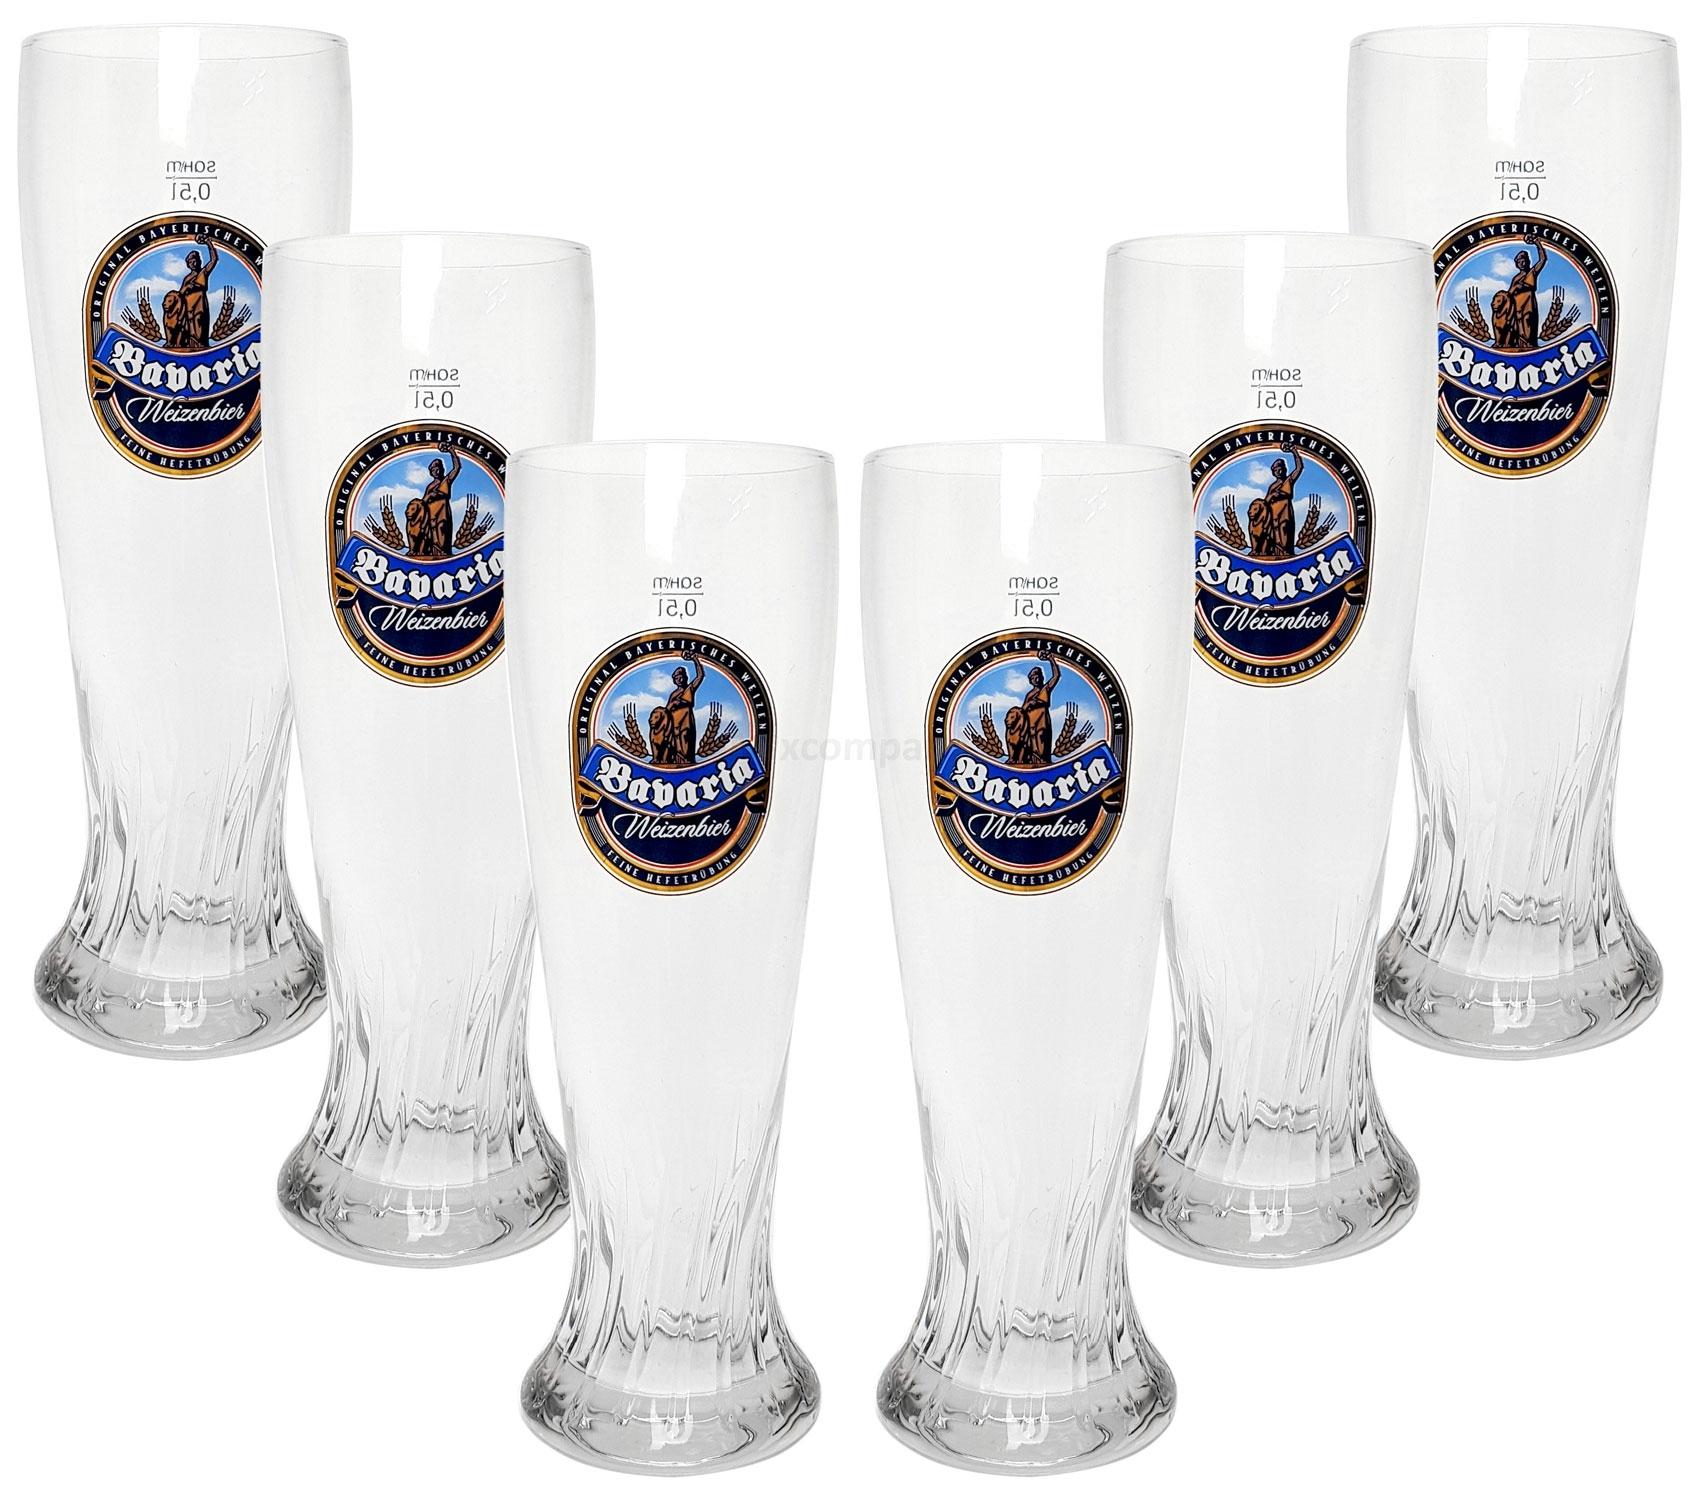 Babaria Weizenbier Bierglas Glas Gläserset - 6x Biergläser 0,5L